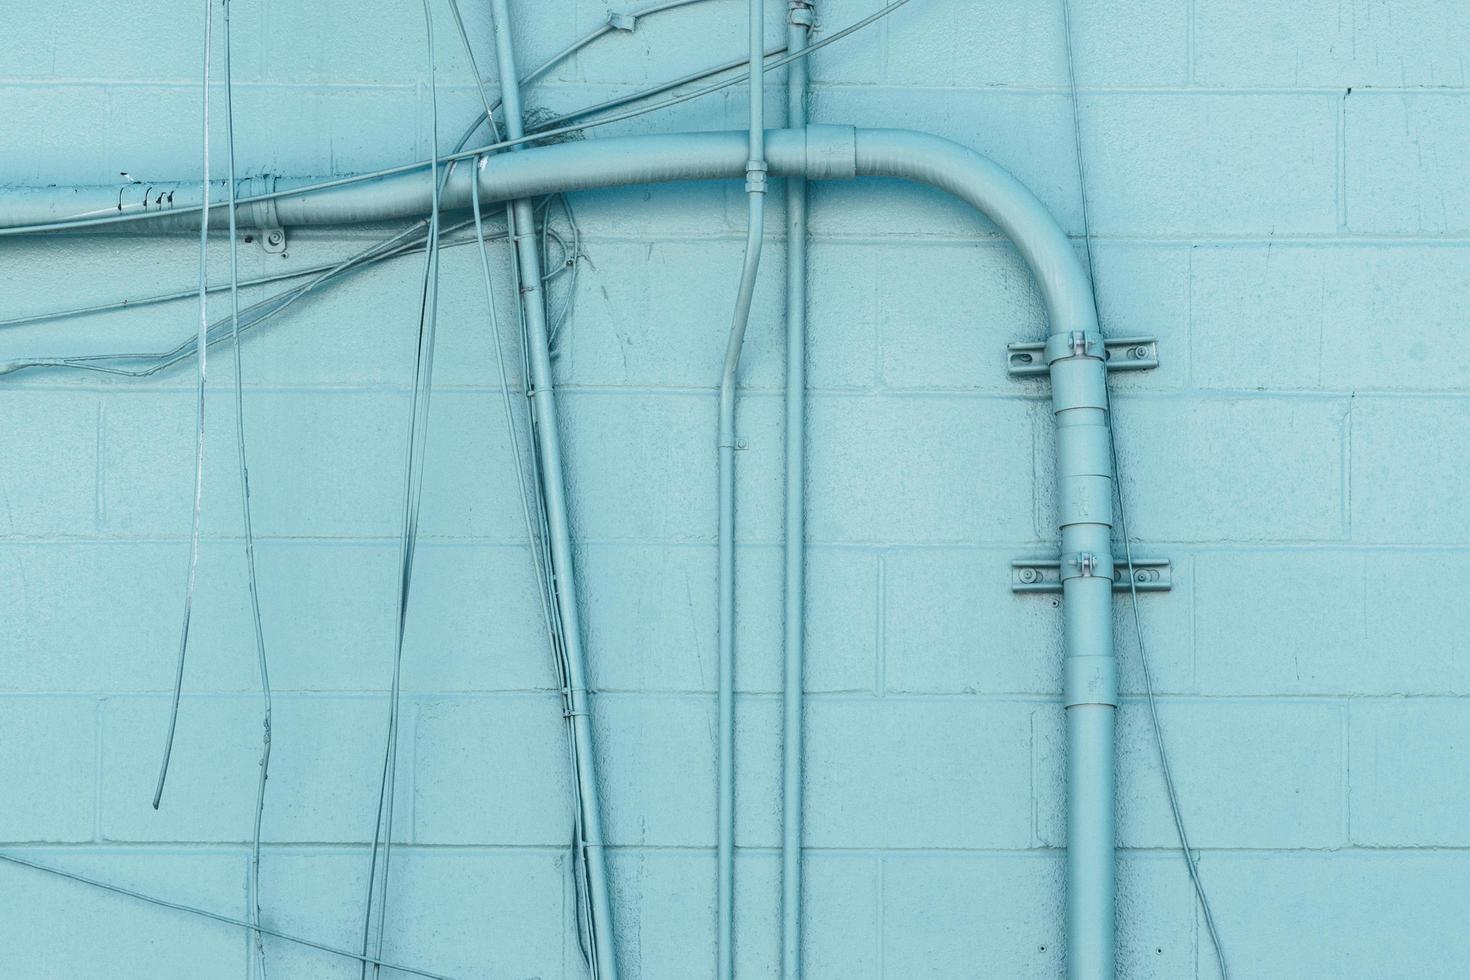 parede azul com sistema de tubulação foto